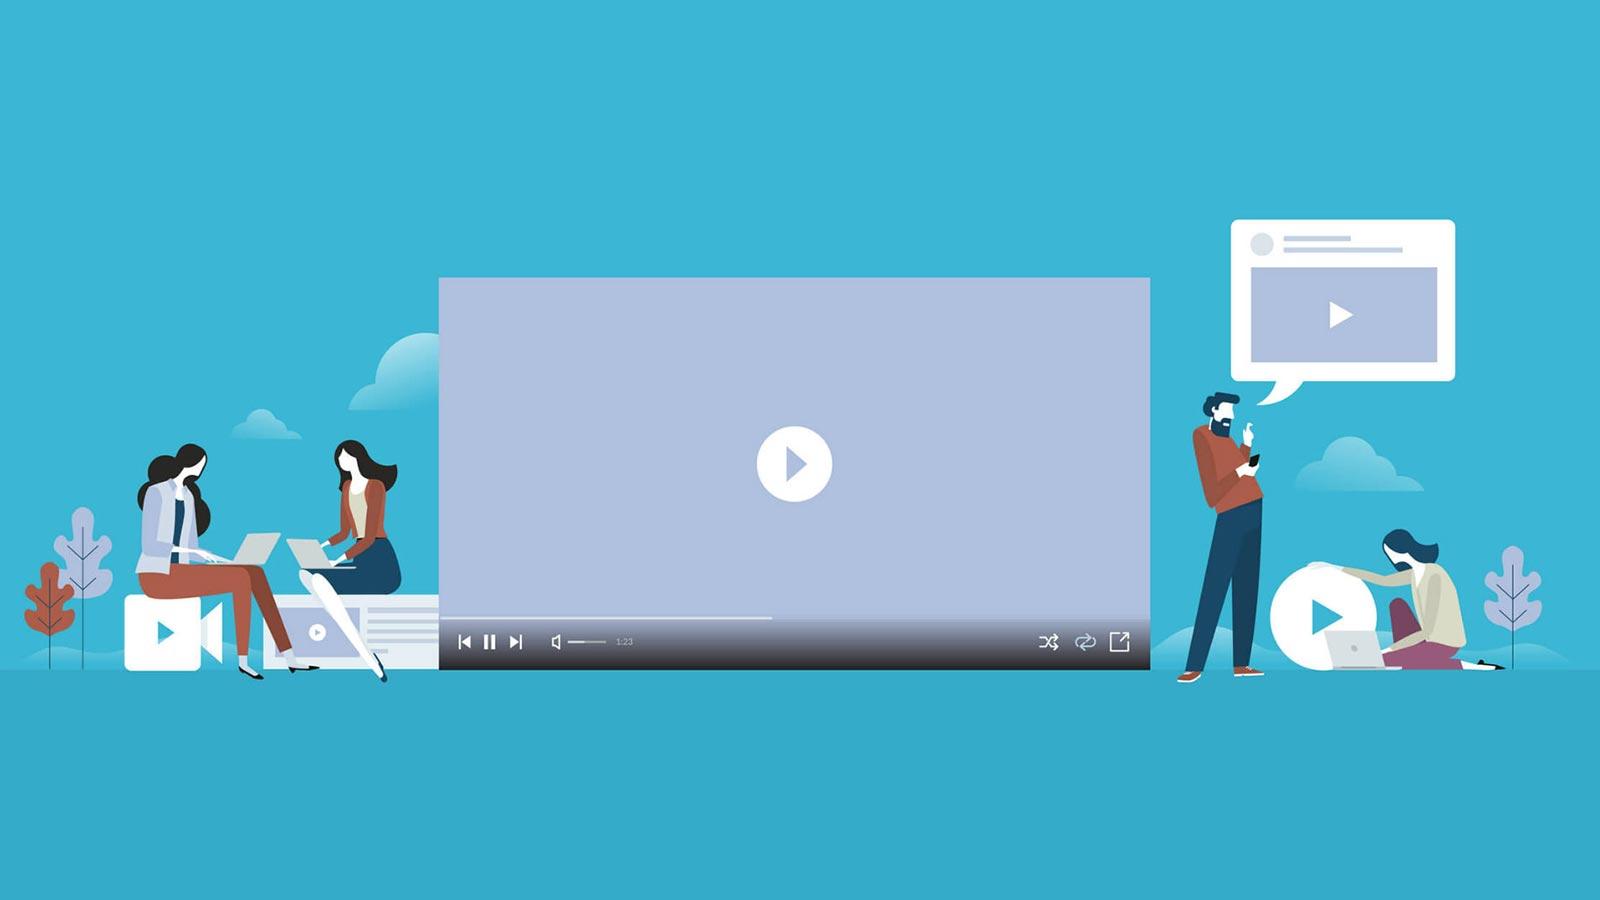 videos em motion graphics conheca esse estilo e suas praticas 1a dumela filmes - Vídeos em motion graphics: conheça esse estilo e suas práticas